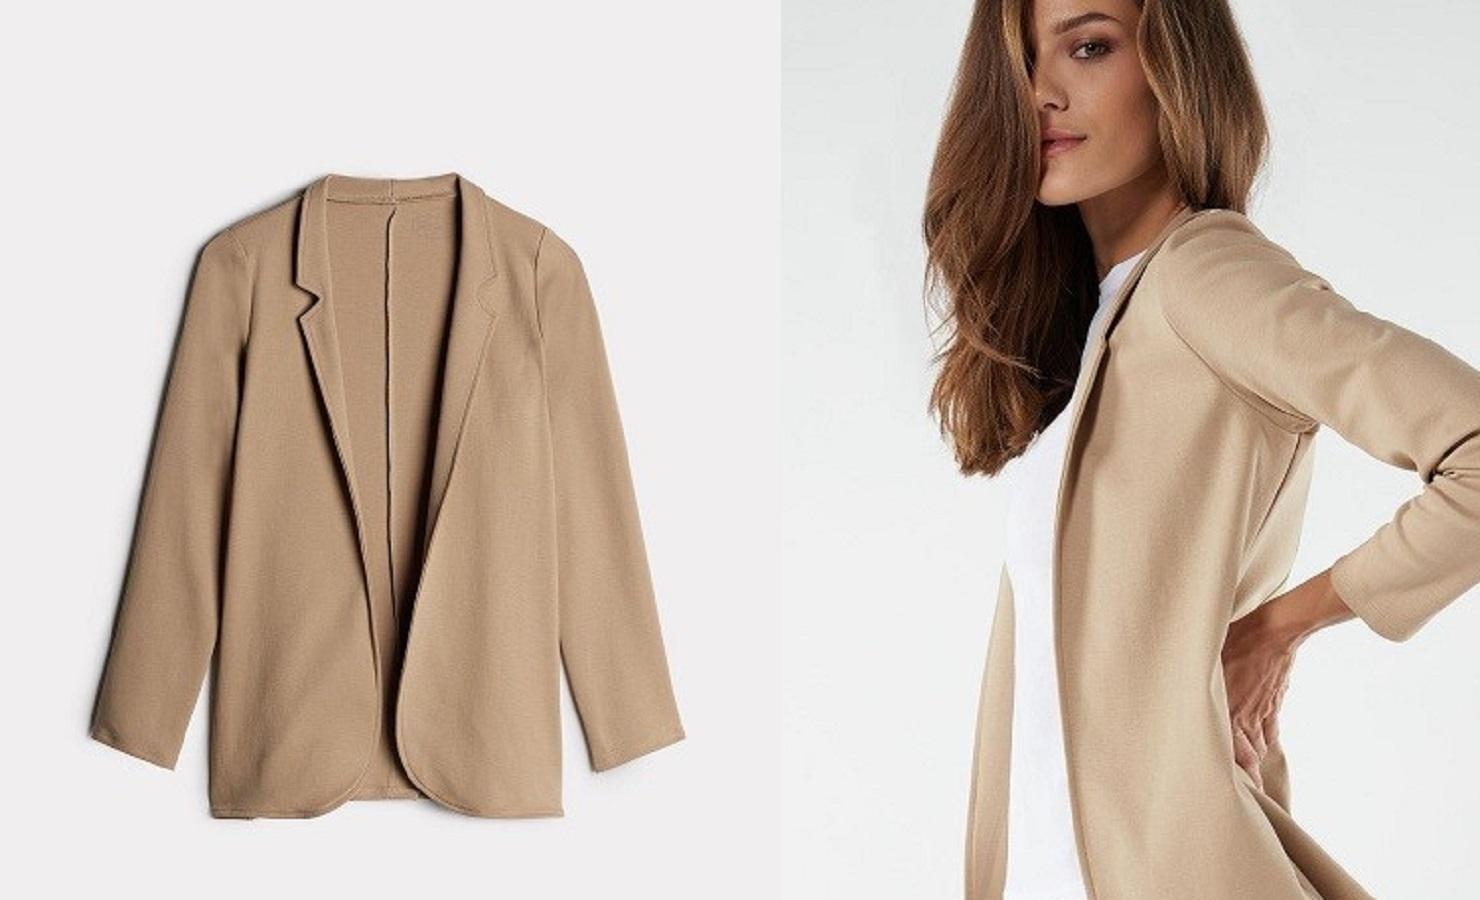 La giacca Intimissimi in cotone è un mix di comfort ed eleganza